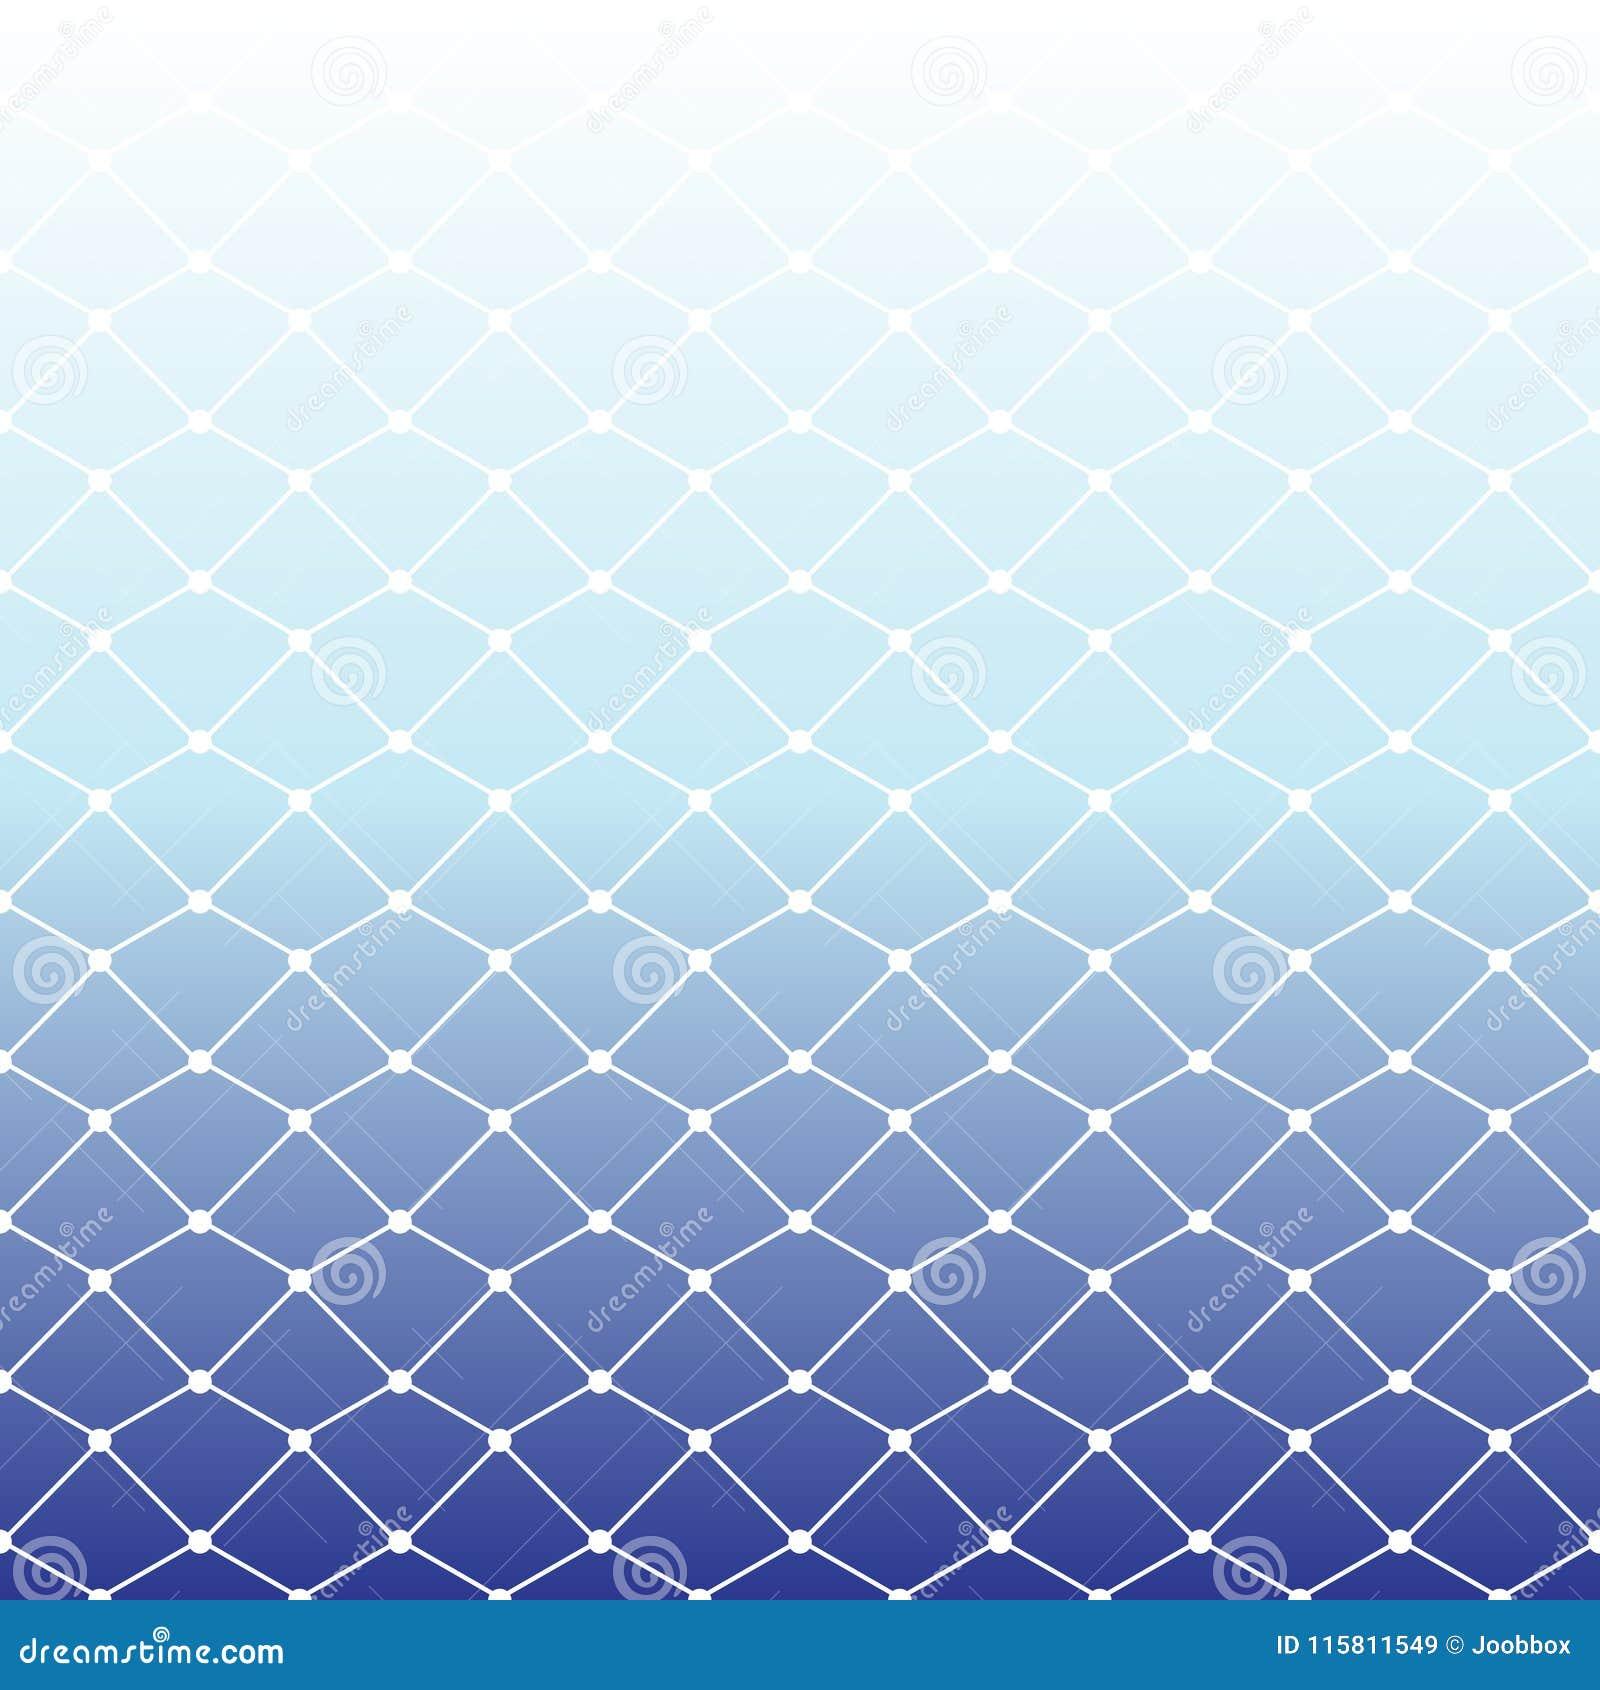 Bezszwowy sieć rybacka wzór na białym i błękitnym gradientowym backgrou